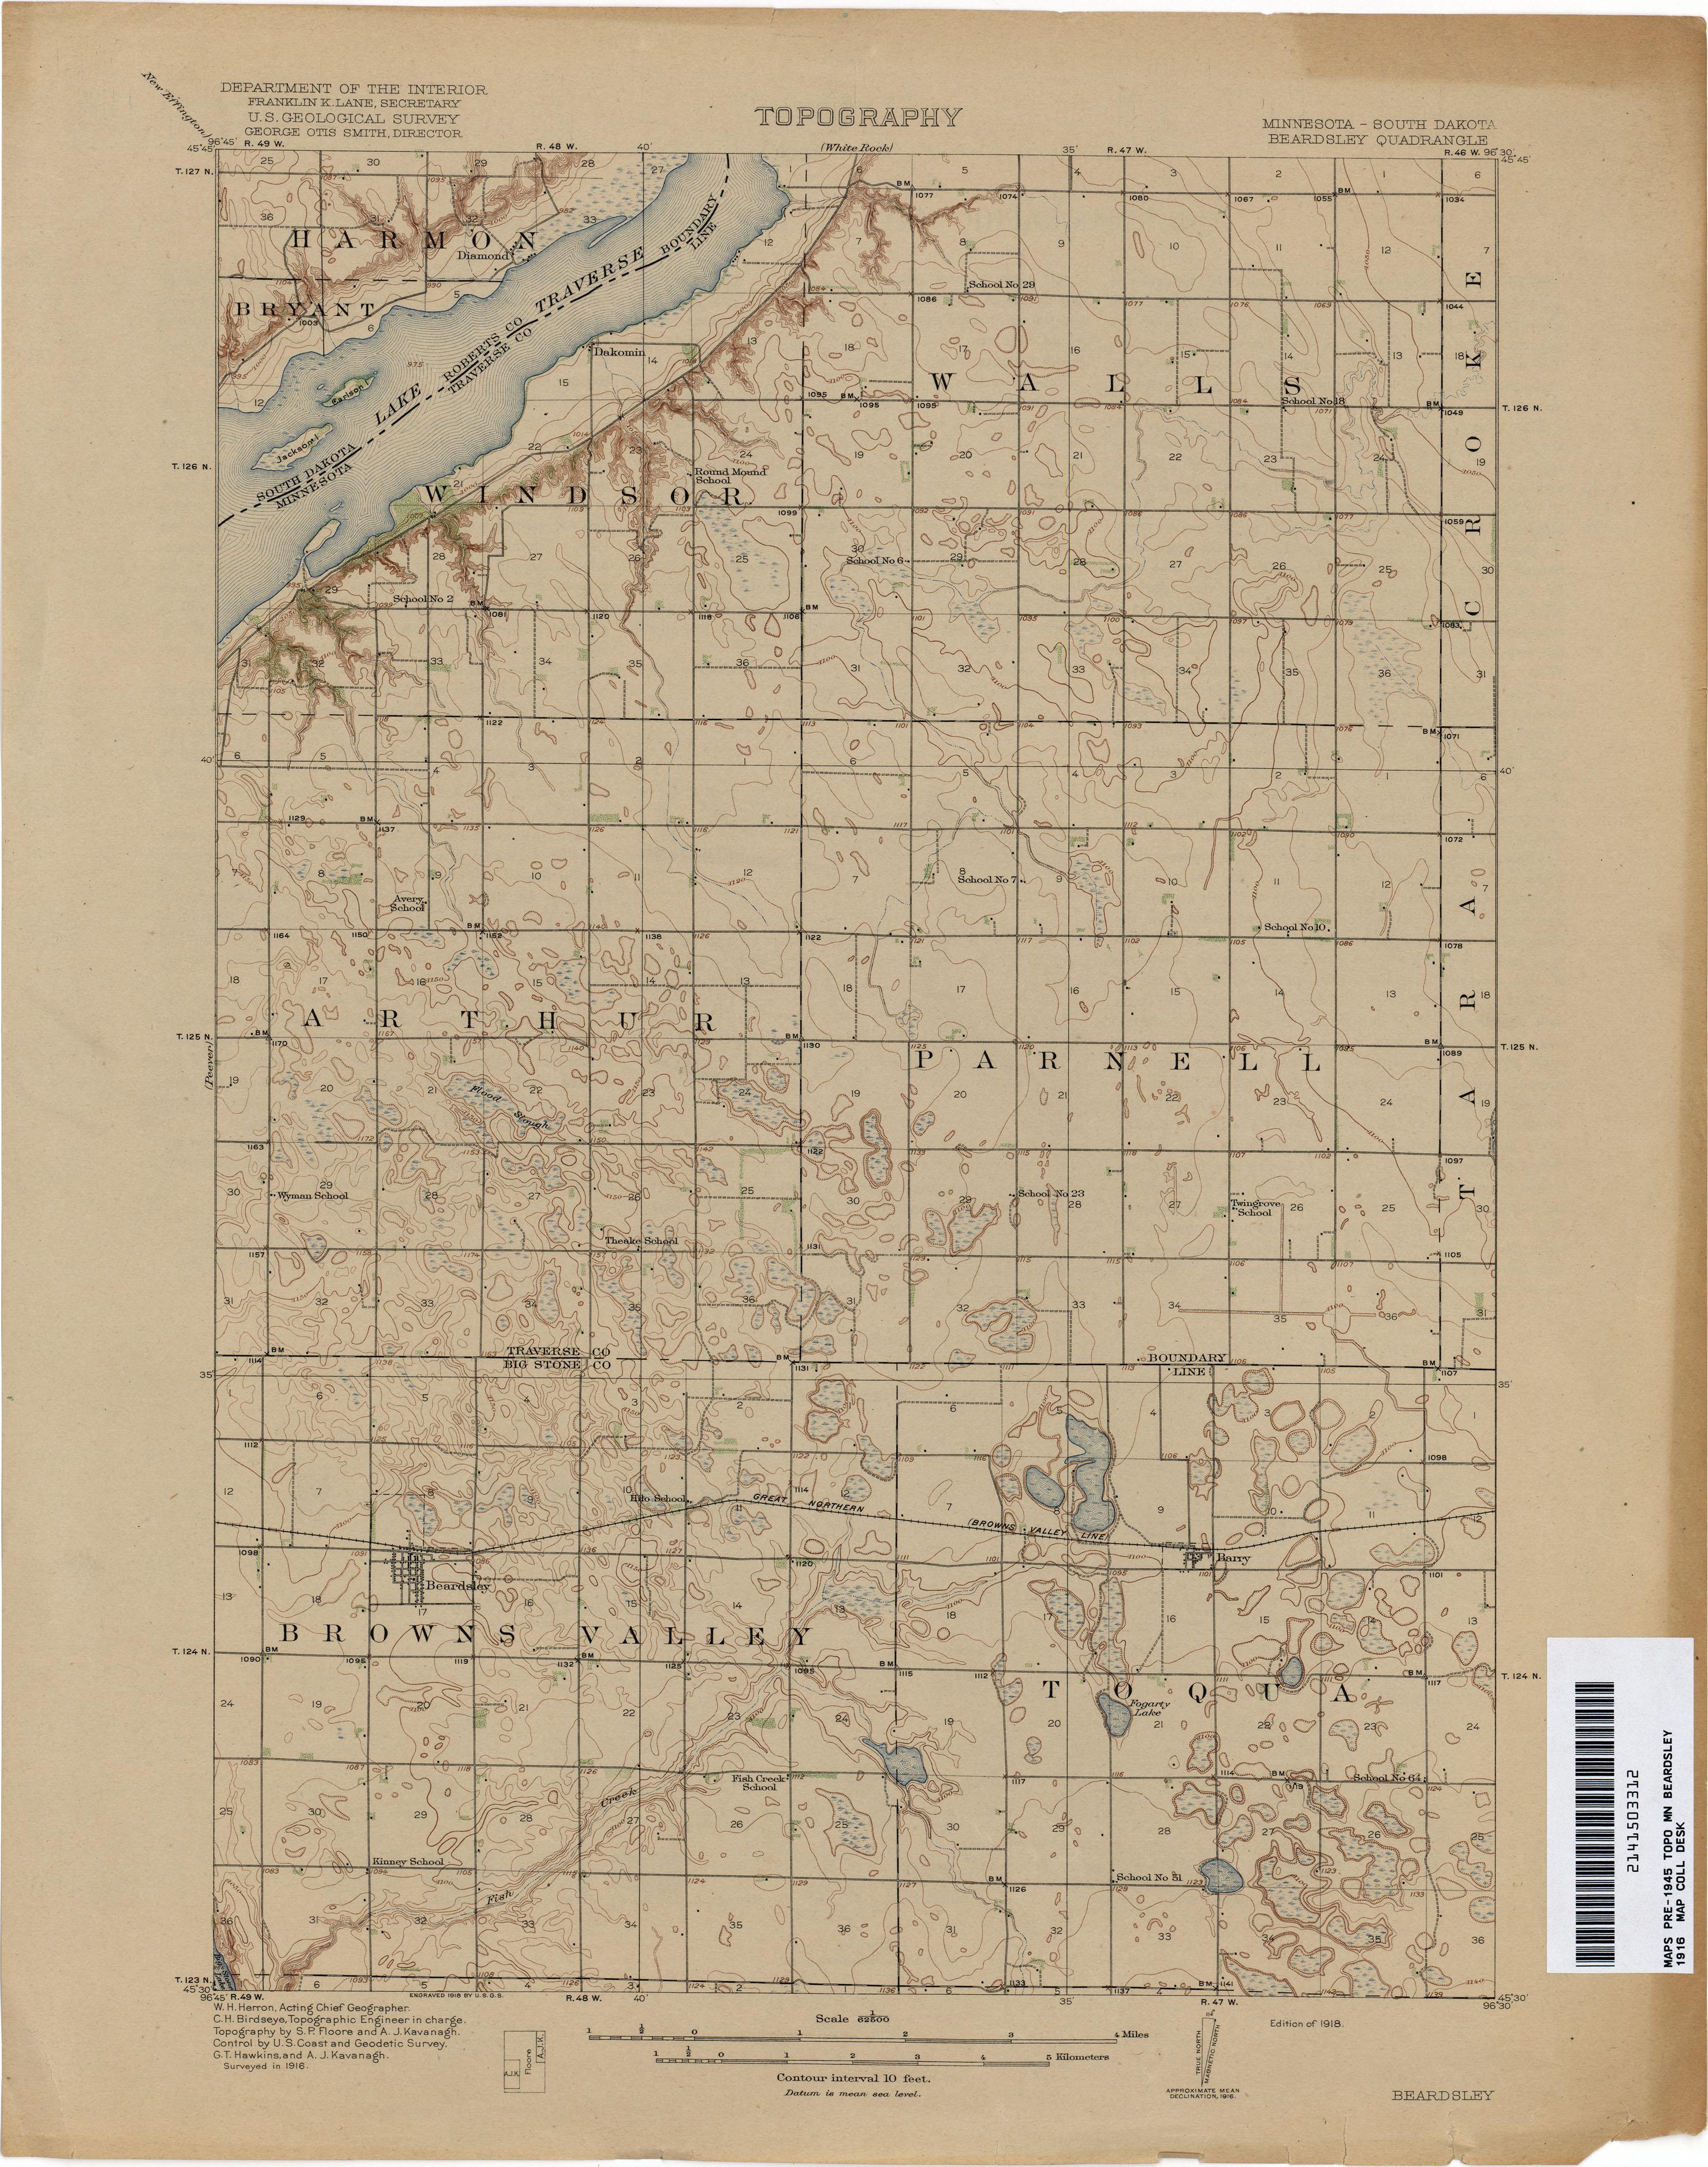 txu-pclmaps-topo-mn-beardsley-1916 Map Of Lake Pelican Ashby Mn on map of lake miltona mn, map of mille lacs lake mn, map of kabetogama lake mn, map of pearl lake mn, map of rush lake mn, map of gull lake mn, map of rainy lake mn, map of lake winnibigoshish mn, map of lake nokomis mn, map of lake winnie mn, map of lake minnetonka mn, map of burntside lake mn, map of big marine lake mn, map of lake of the woods mn, map of woman lake mn, map of leech lake mn, map of clearwater lake mn, map of gunflint lake mn, map of big birch lake mn, map of sugar lake mn,